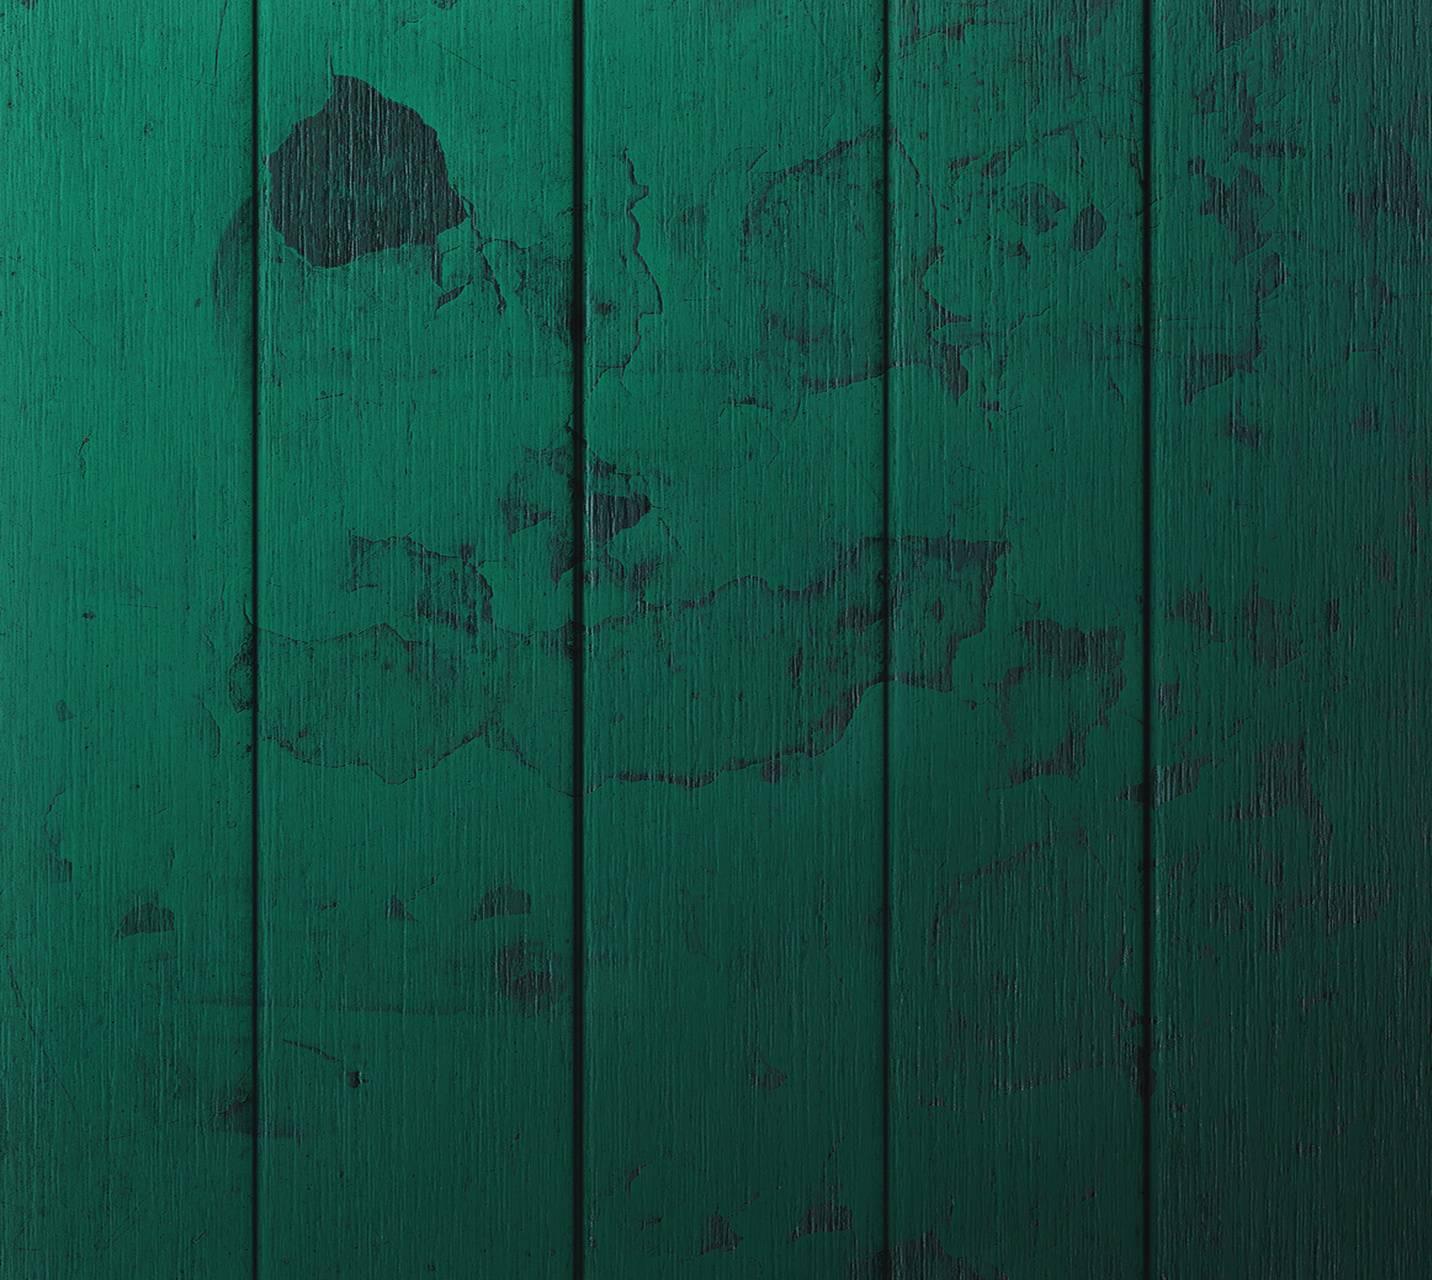 عکس زمینه بافت چوب سبز پس زمینه